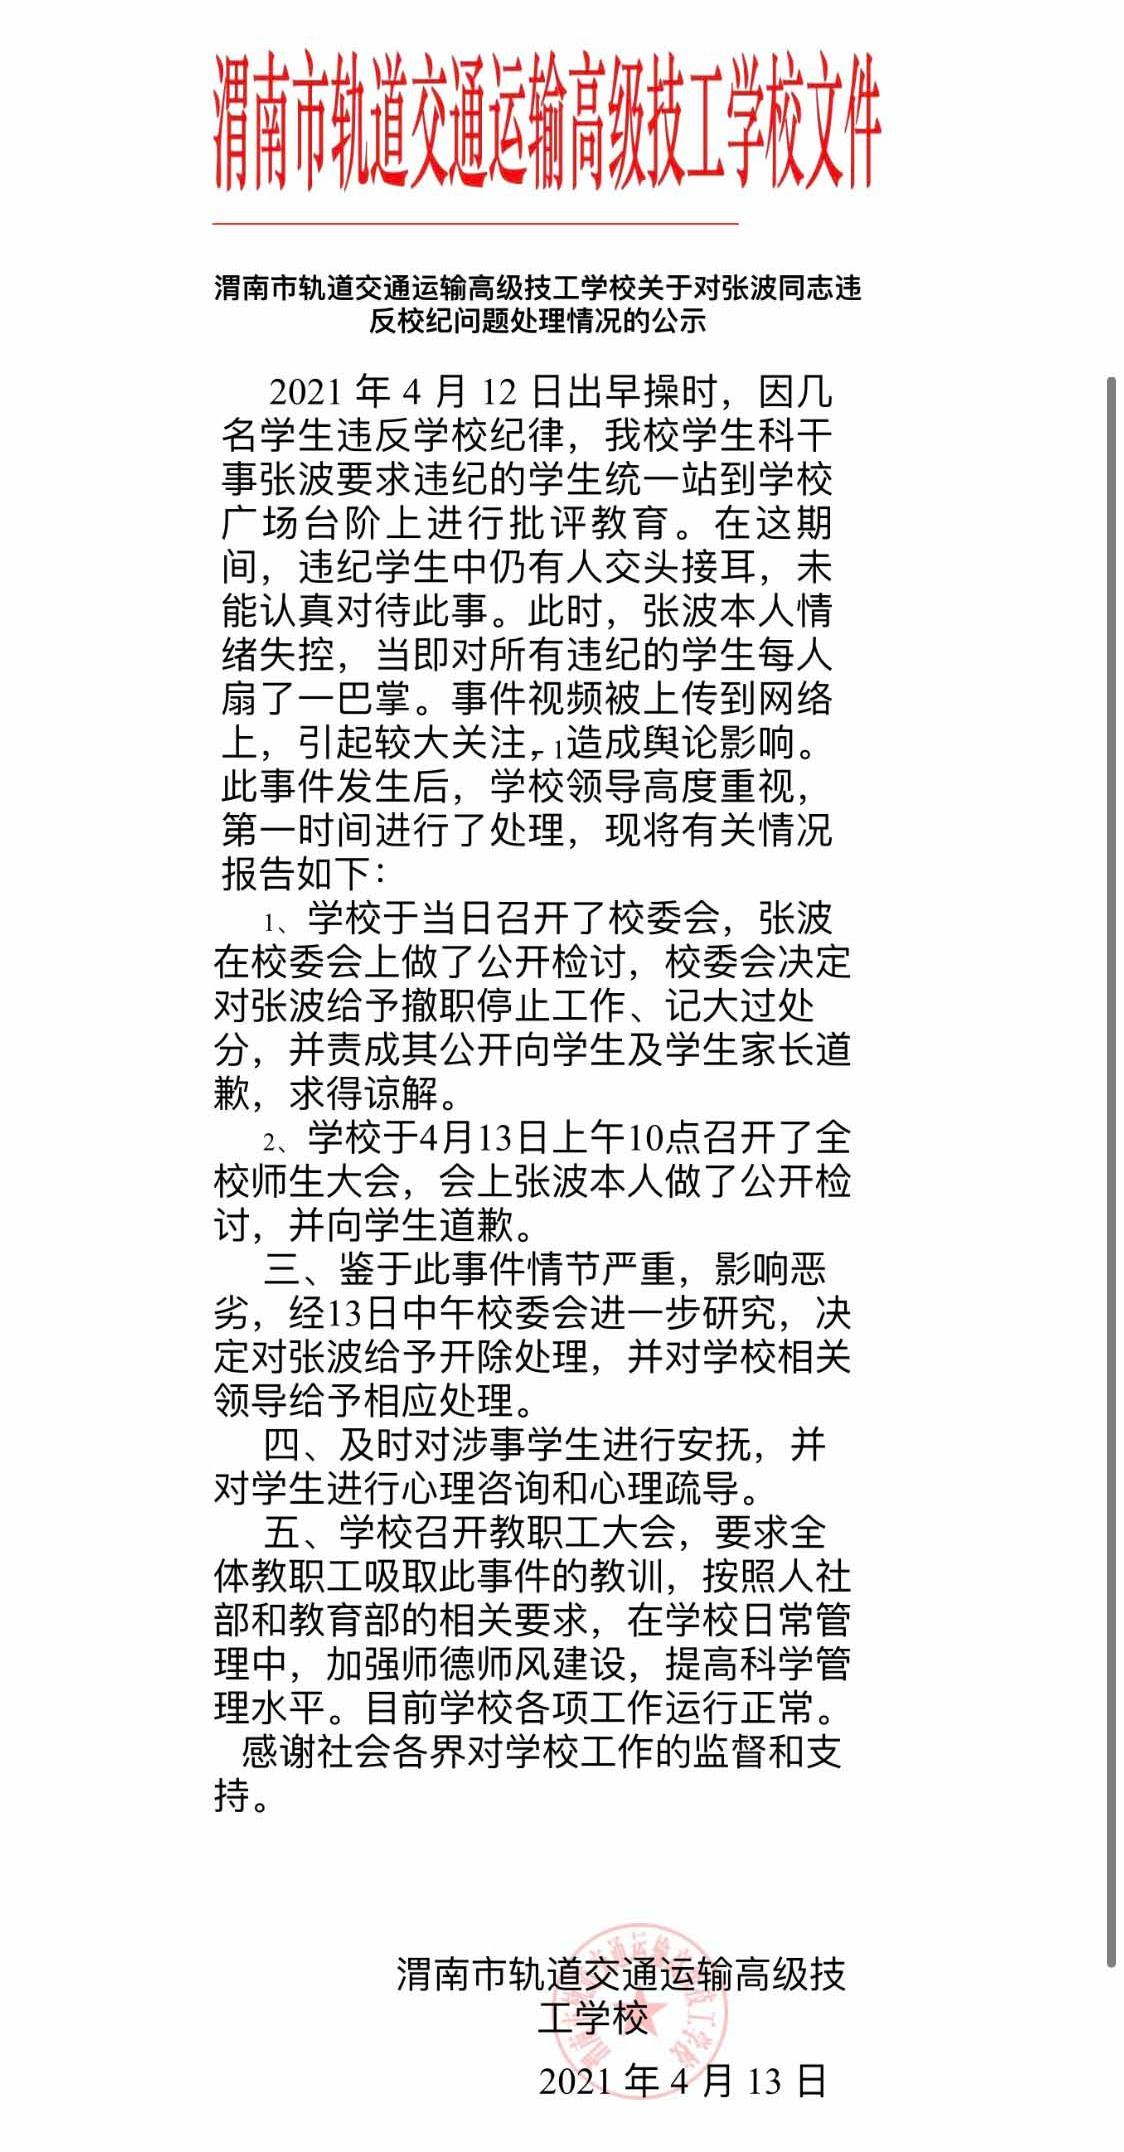 网曝陕西一学校迟到学生被扇耳光 校方:涉事教师已被开除